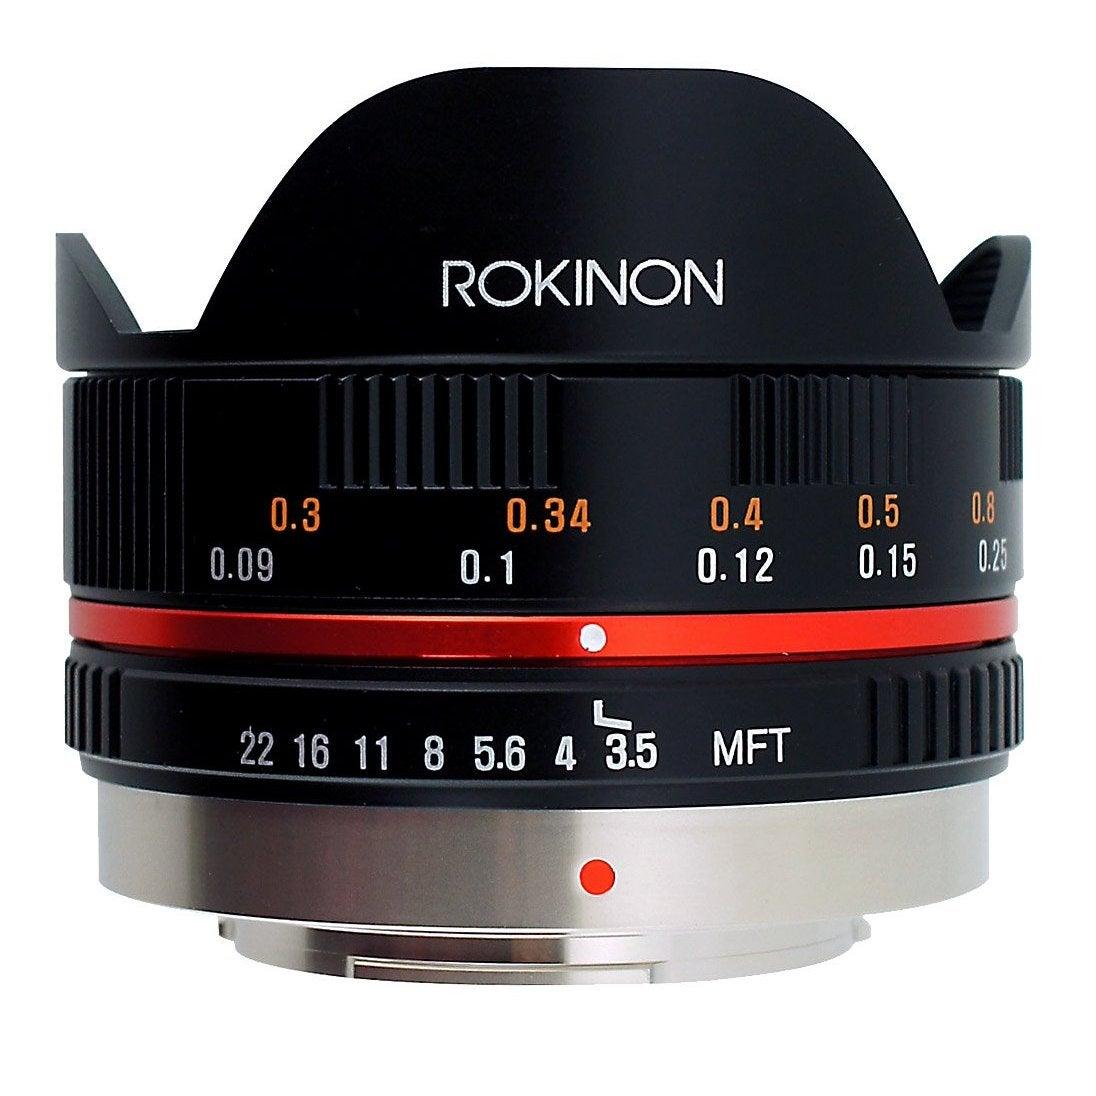 Rokinon FE75MFT-B 7.5mm F3.5 UMC Fisheye Lens for Micro Four Thirds